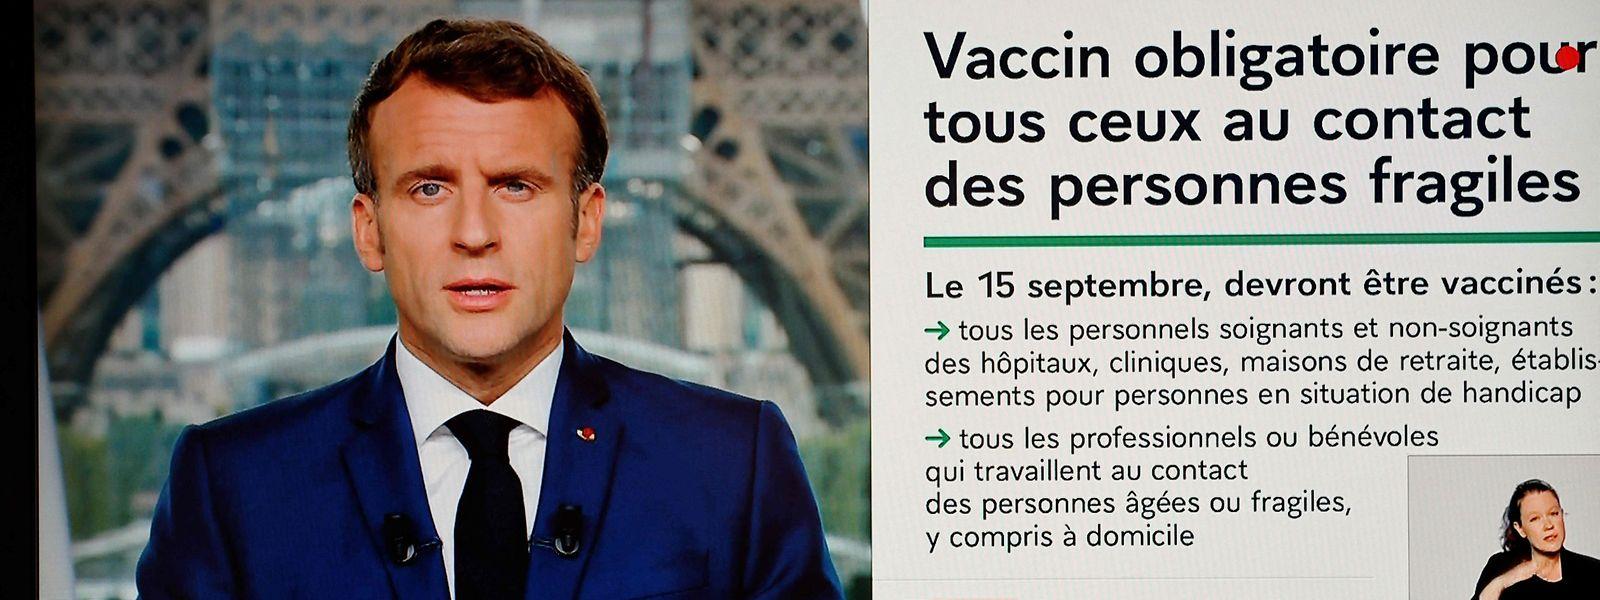 A défaut de l'imposer à tous, le président français rend le vaccin obligatoire aux personnes les plus fragiles face au virus et aux professionnels de leur entourage.